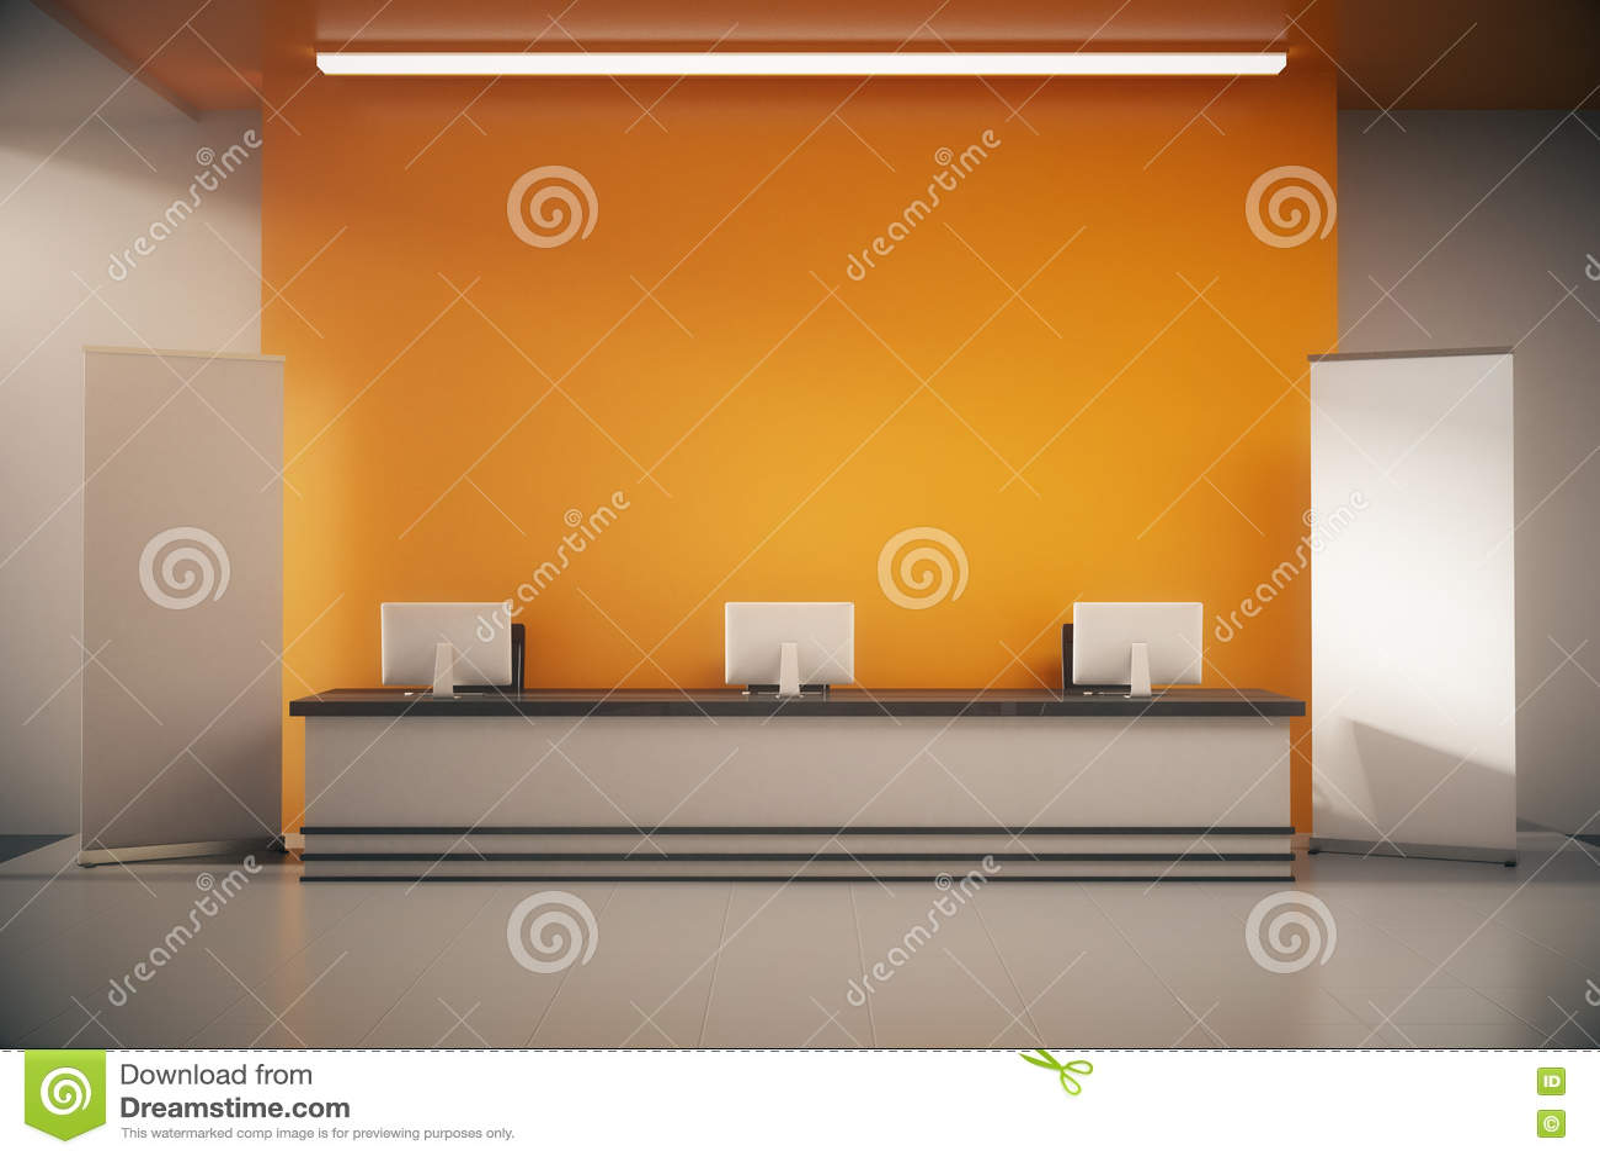 Pomarańczowy recepcyjny biurko